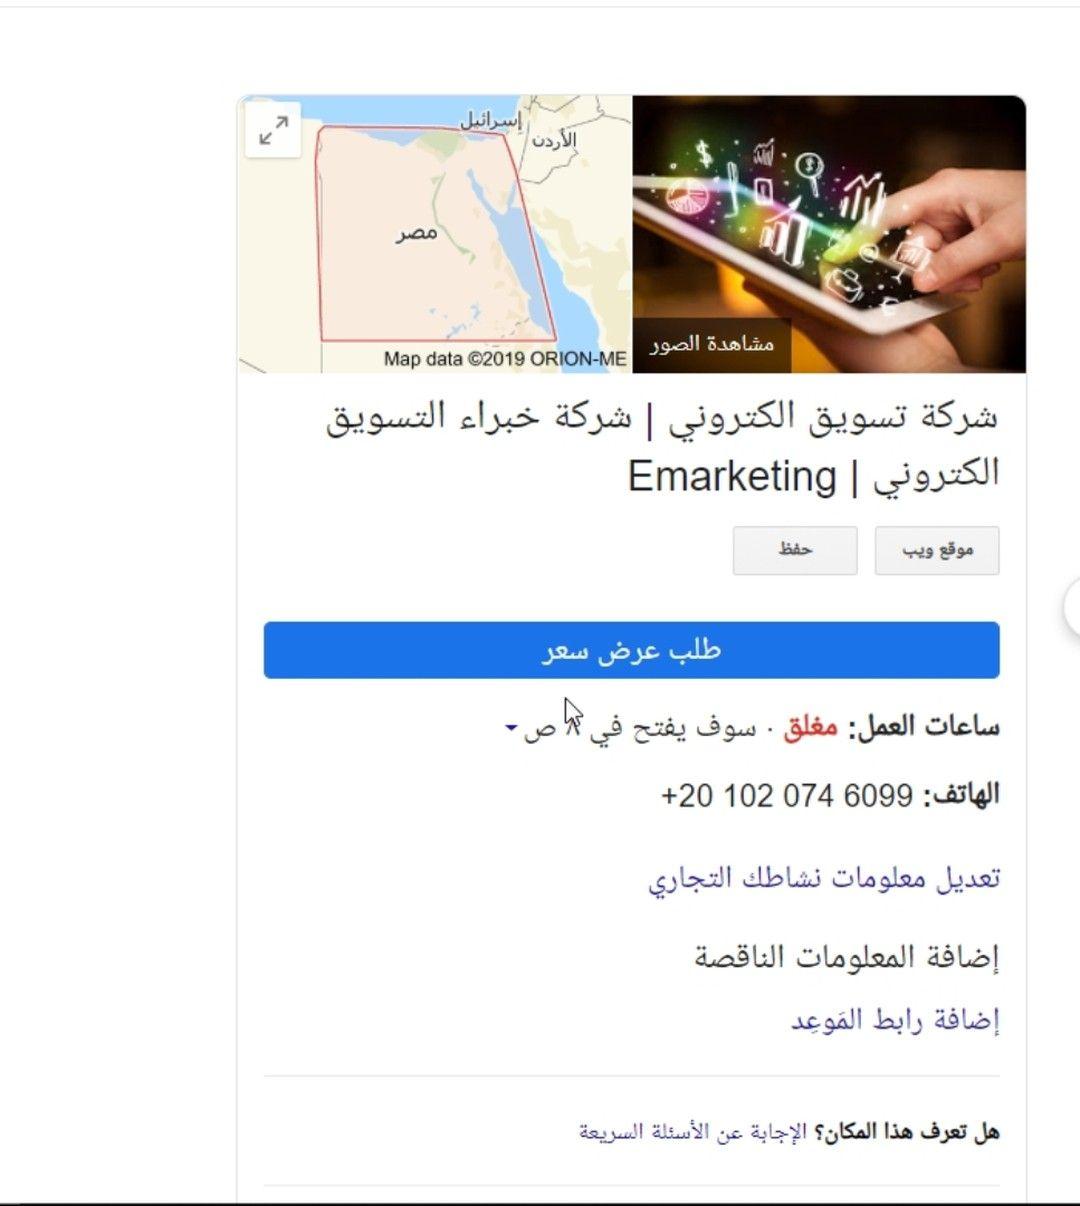 بعض اعمالنا السابقة خبراء التسويق الكتروني خبراء التسويق الكتروني تسويق الكتروني اشهار مواقع واتس 00201114961530 ايميل Kh4t Seo G Map Map Screenshot